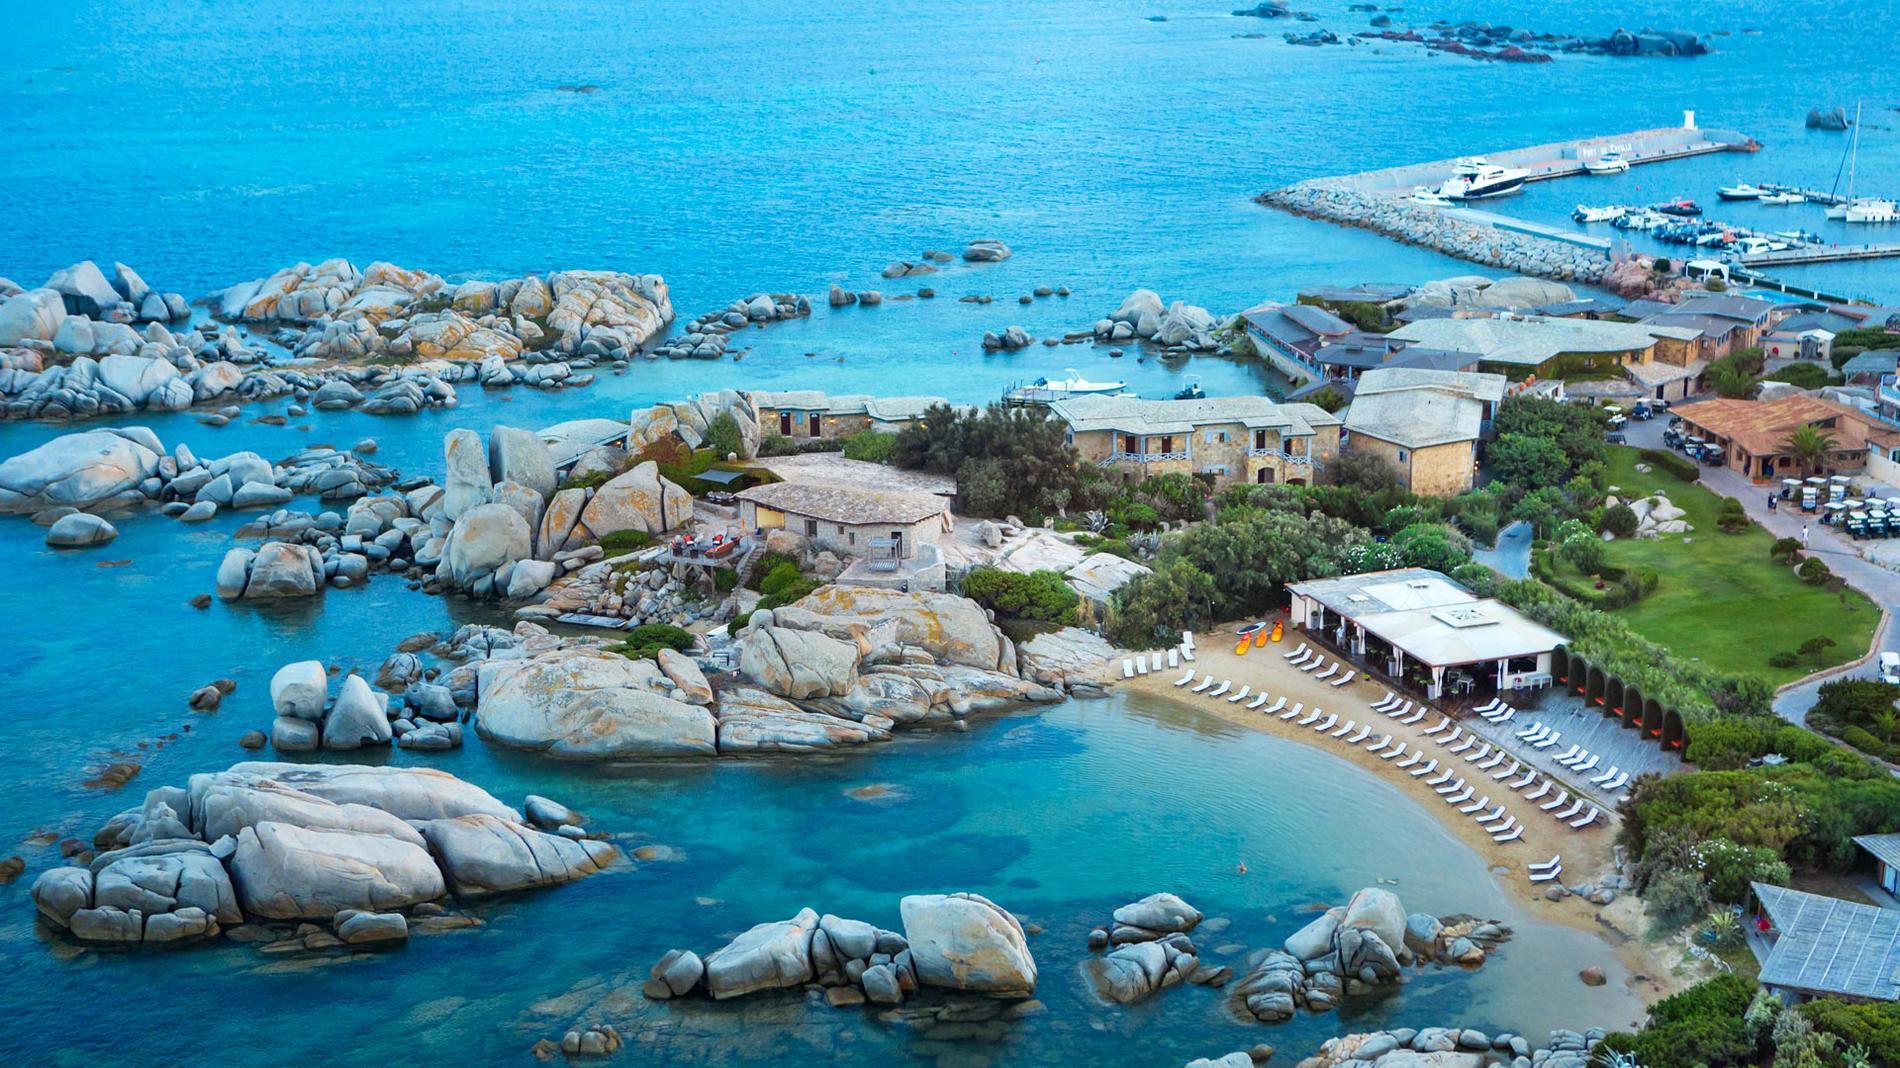 Et si on partait se ressourcer quelques jours en Corse   - Madame Figaro 8cf0fc3585ec